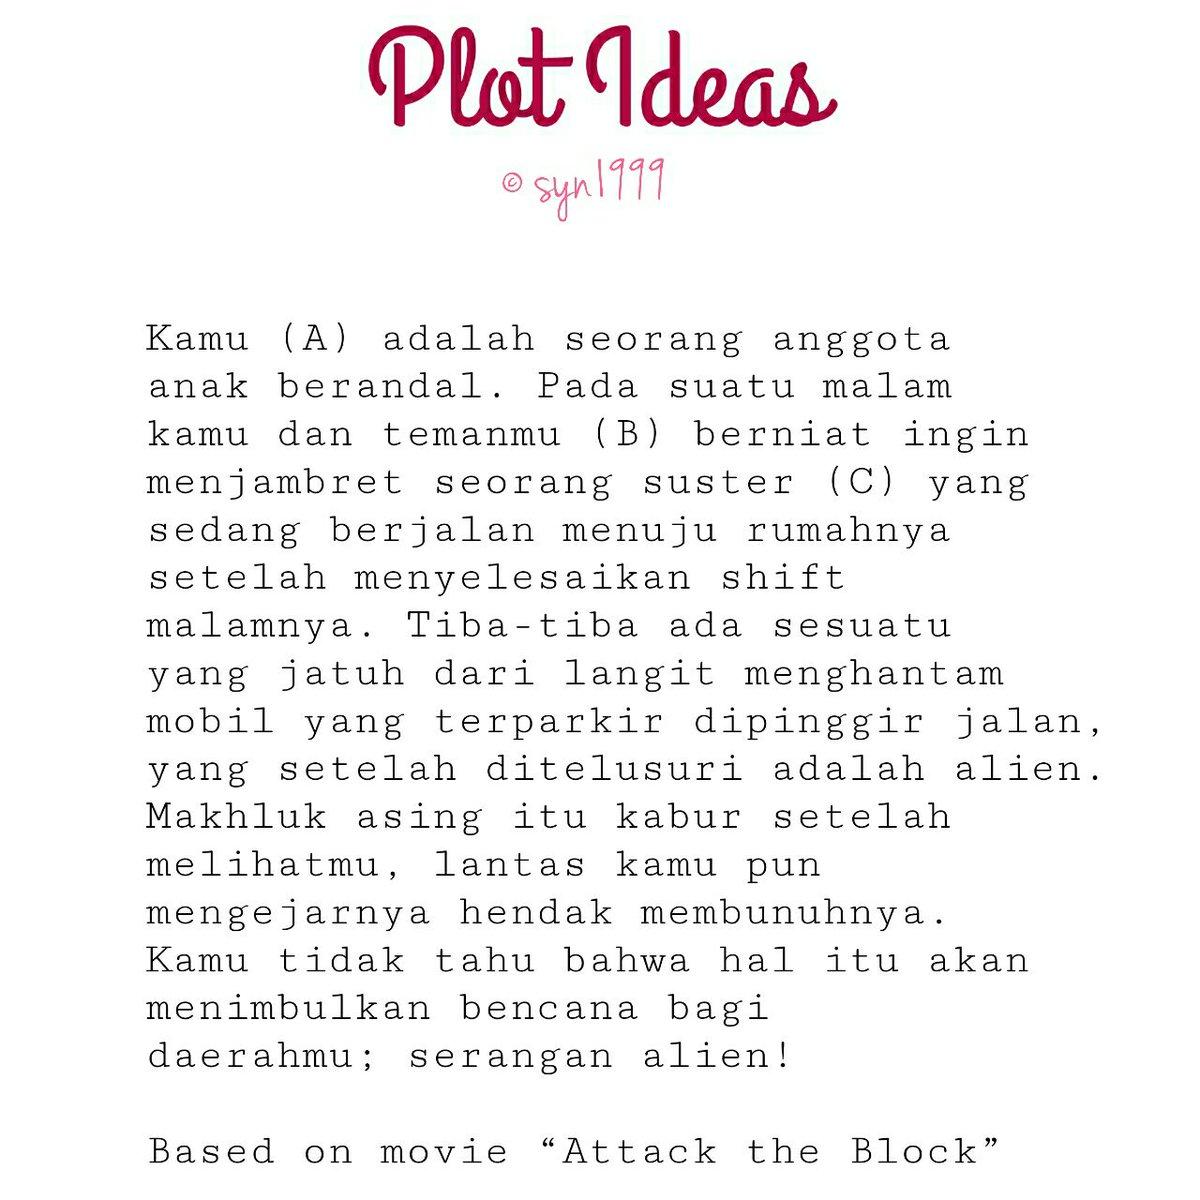 Plot Ideas. on Twitter: